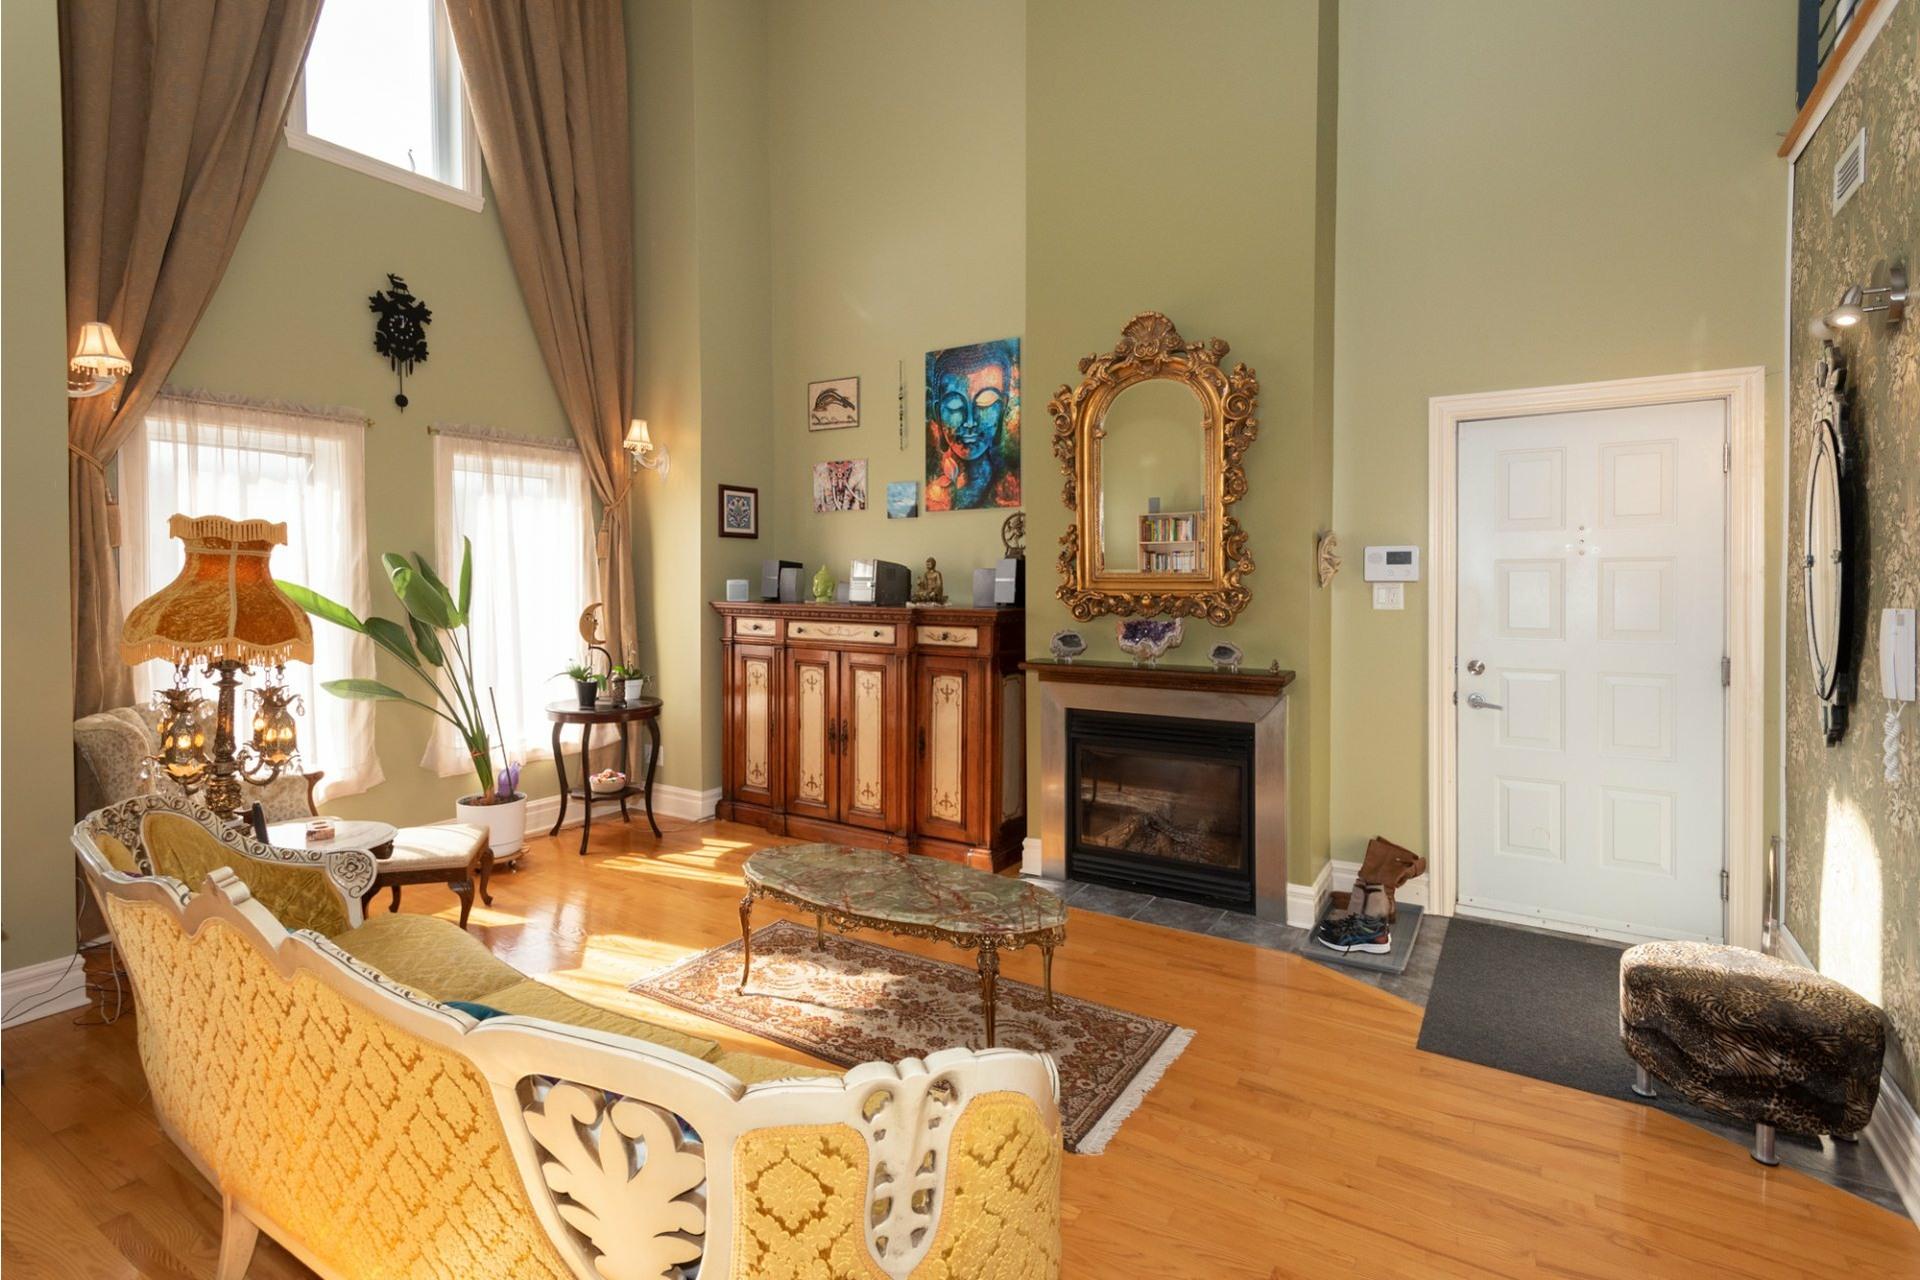 image 3 - Apartment For sale Le Plateau-Mont-Royal Montréal  - 7 rooms